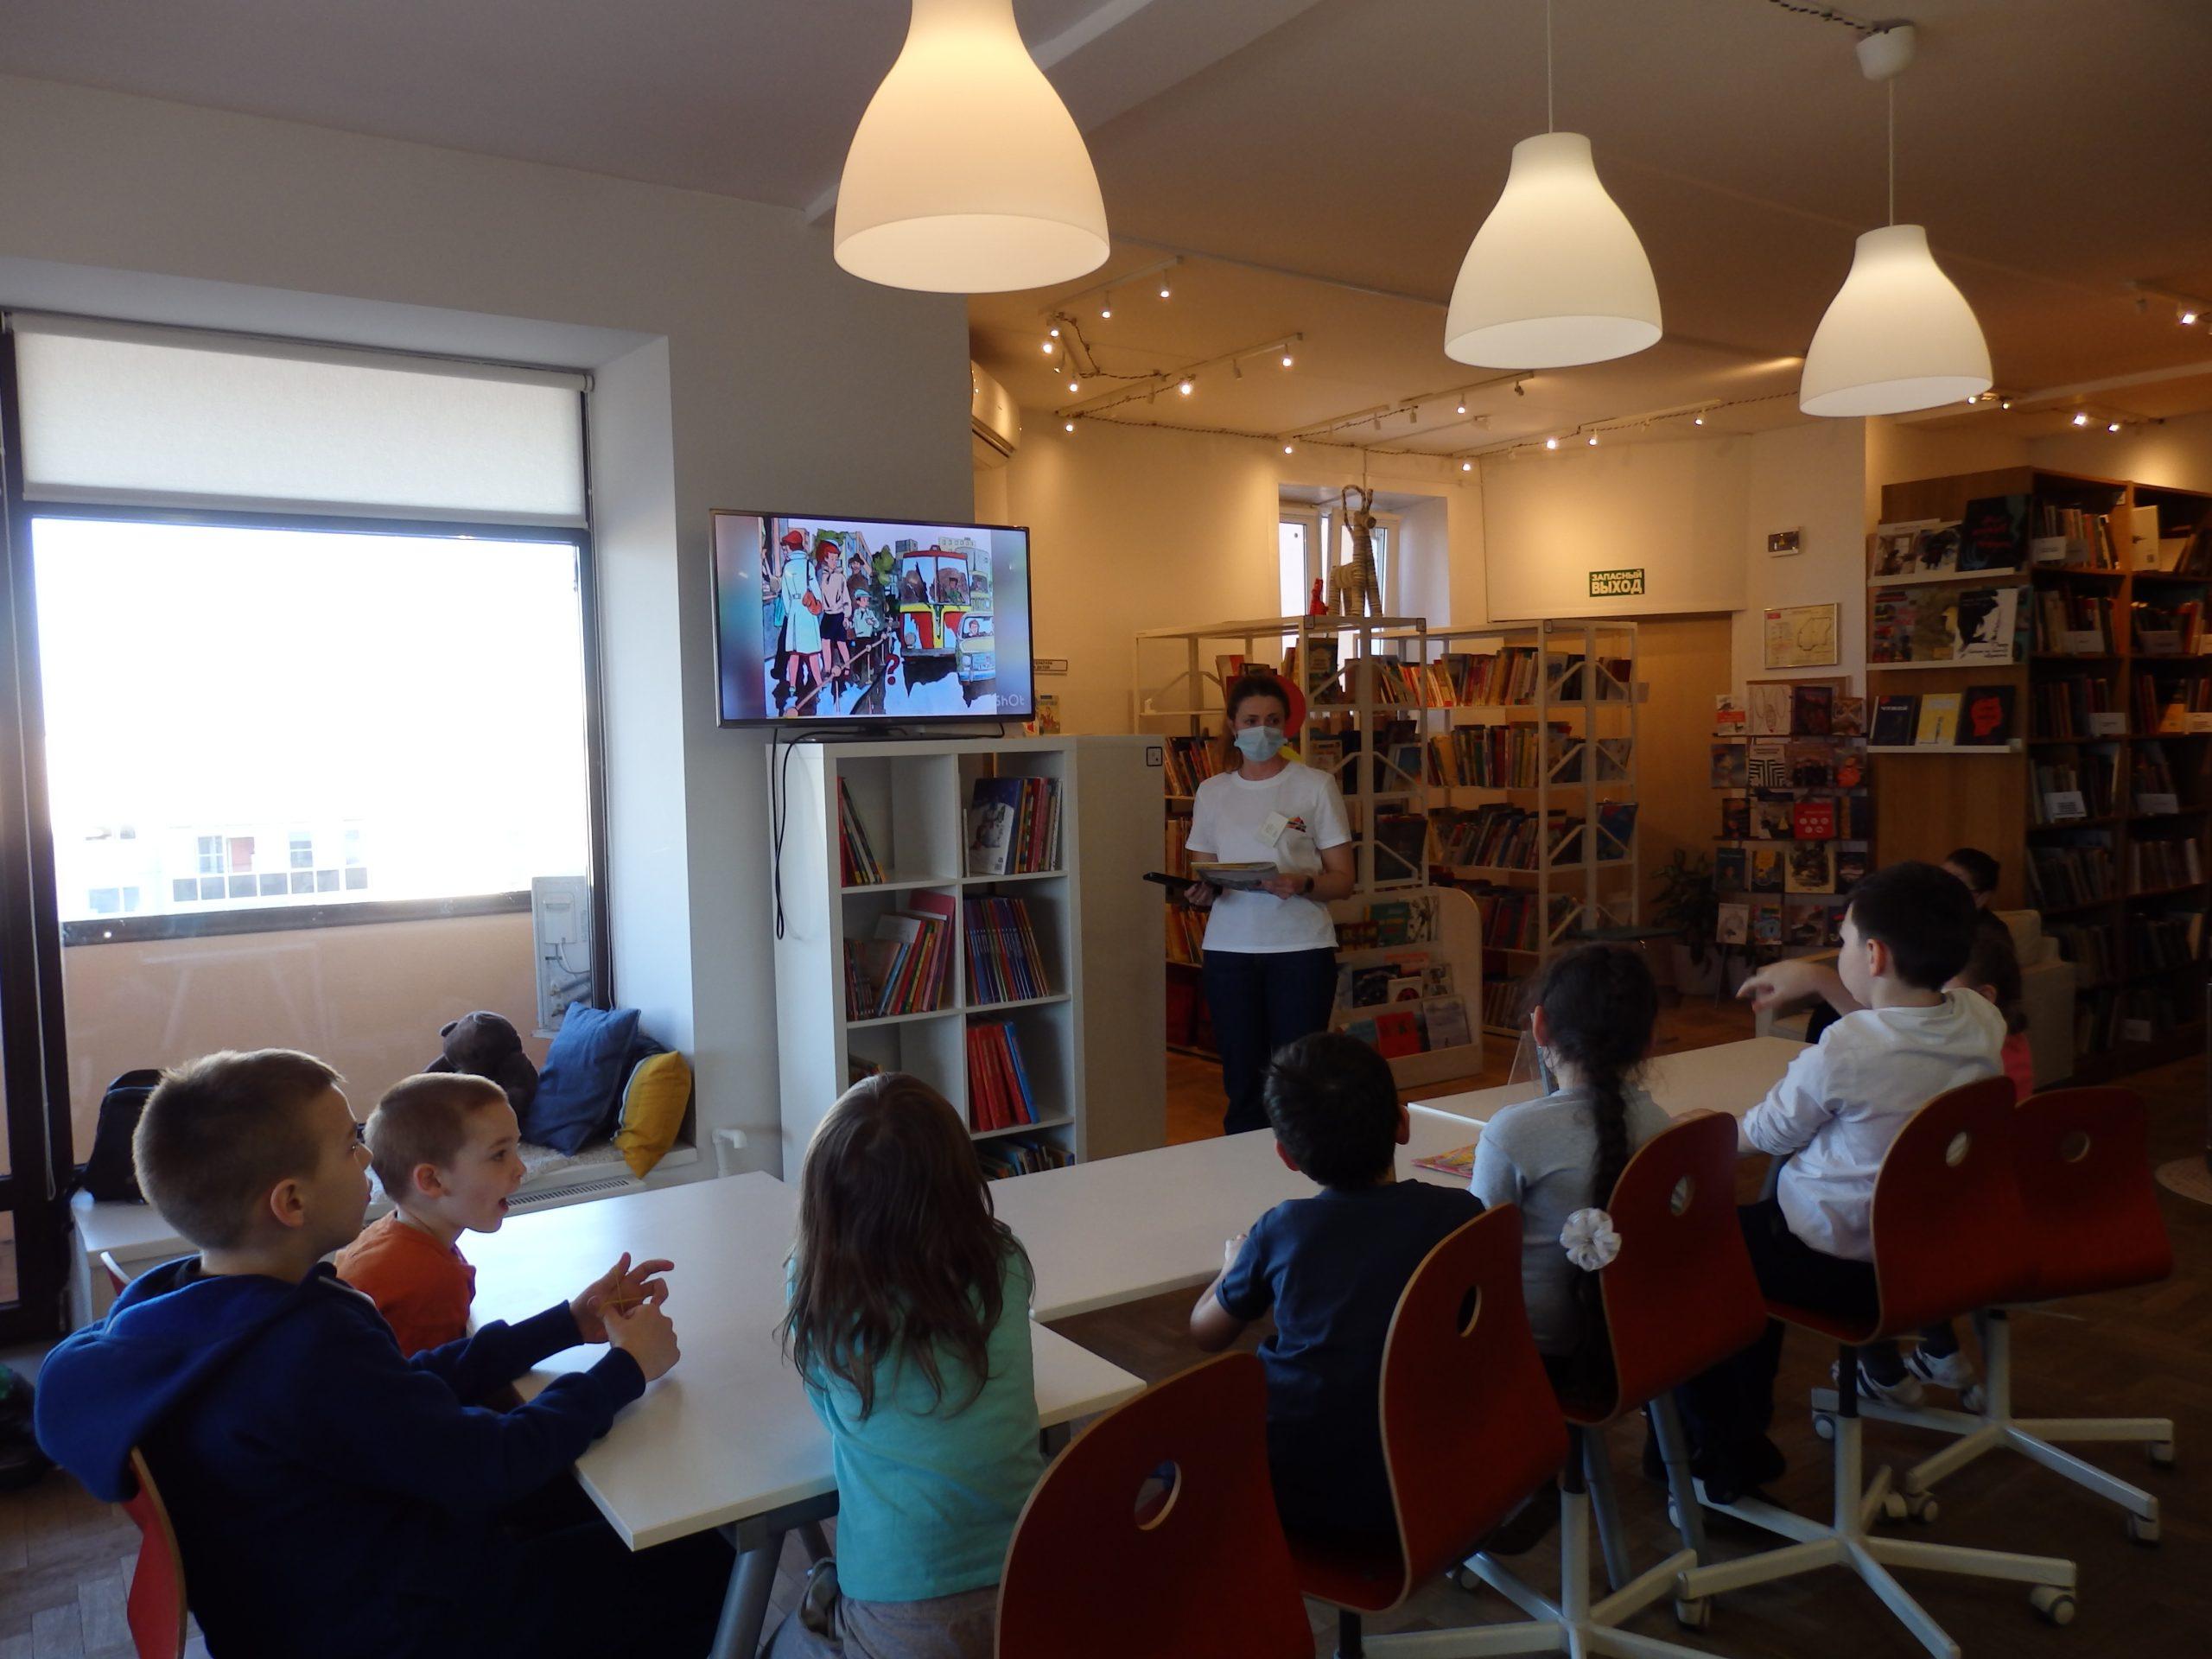 Мероприятие «Школа пешехода» организовали сотрудники библиотеки №262 поселения Филимонковское